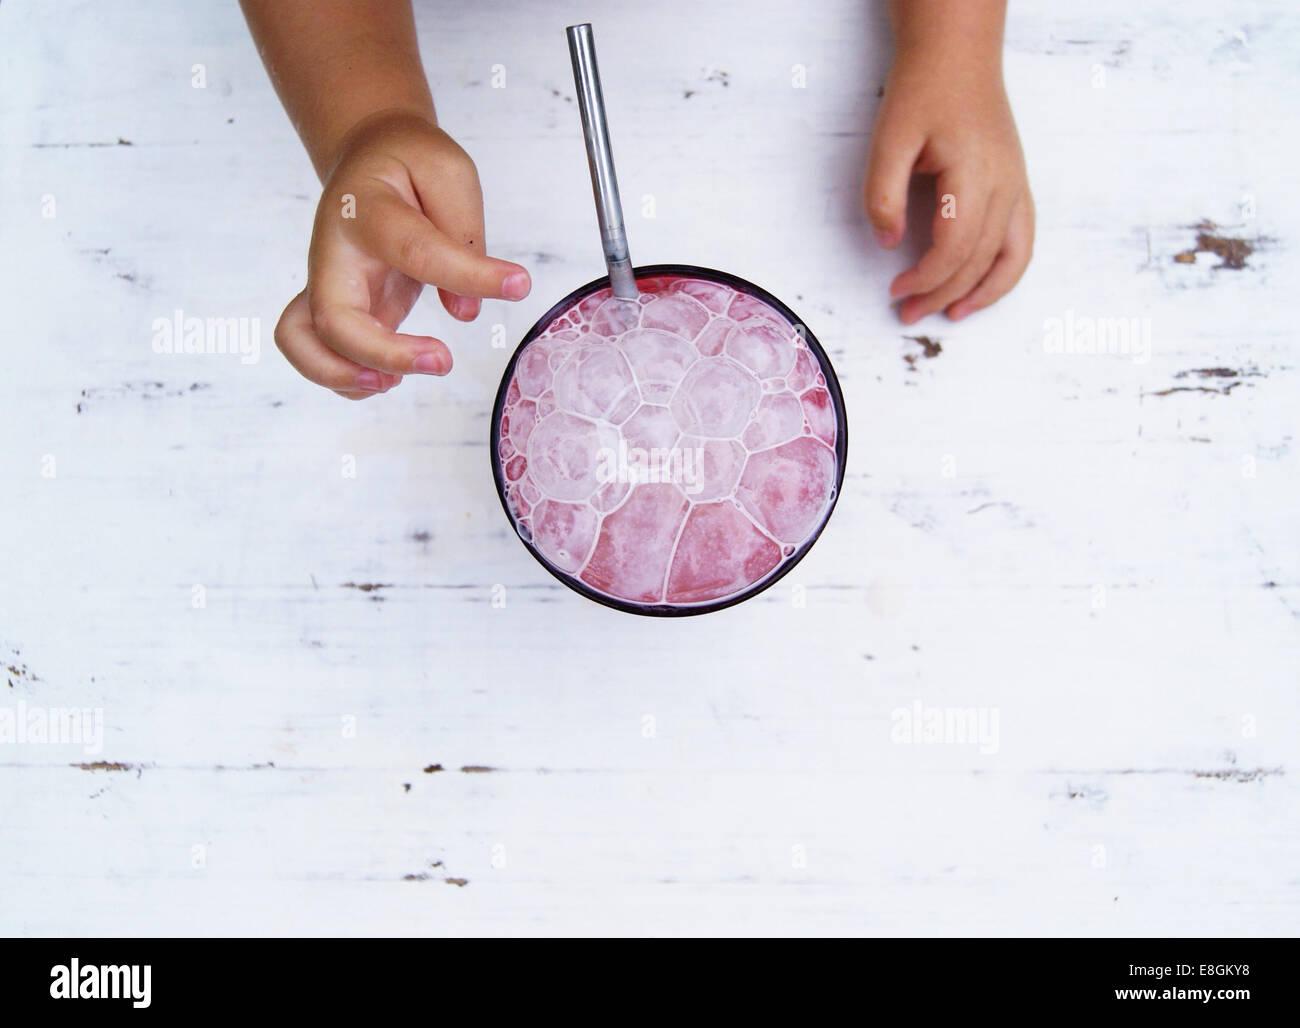 Las manos del niño alcanza para un batido de fresa con burbujas Imagen De Stock